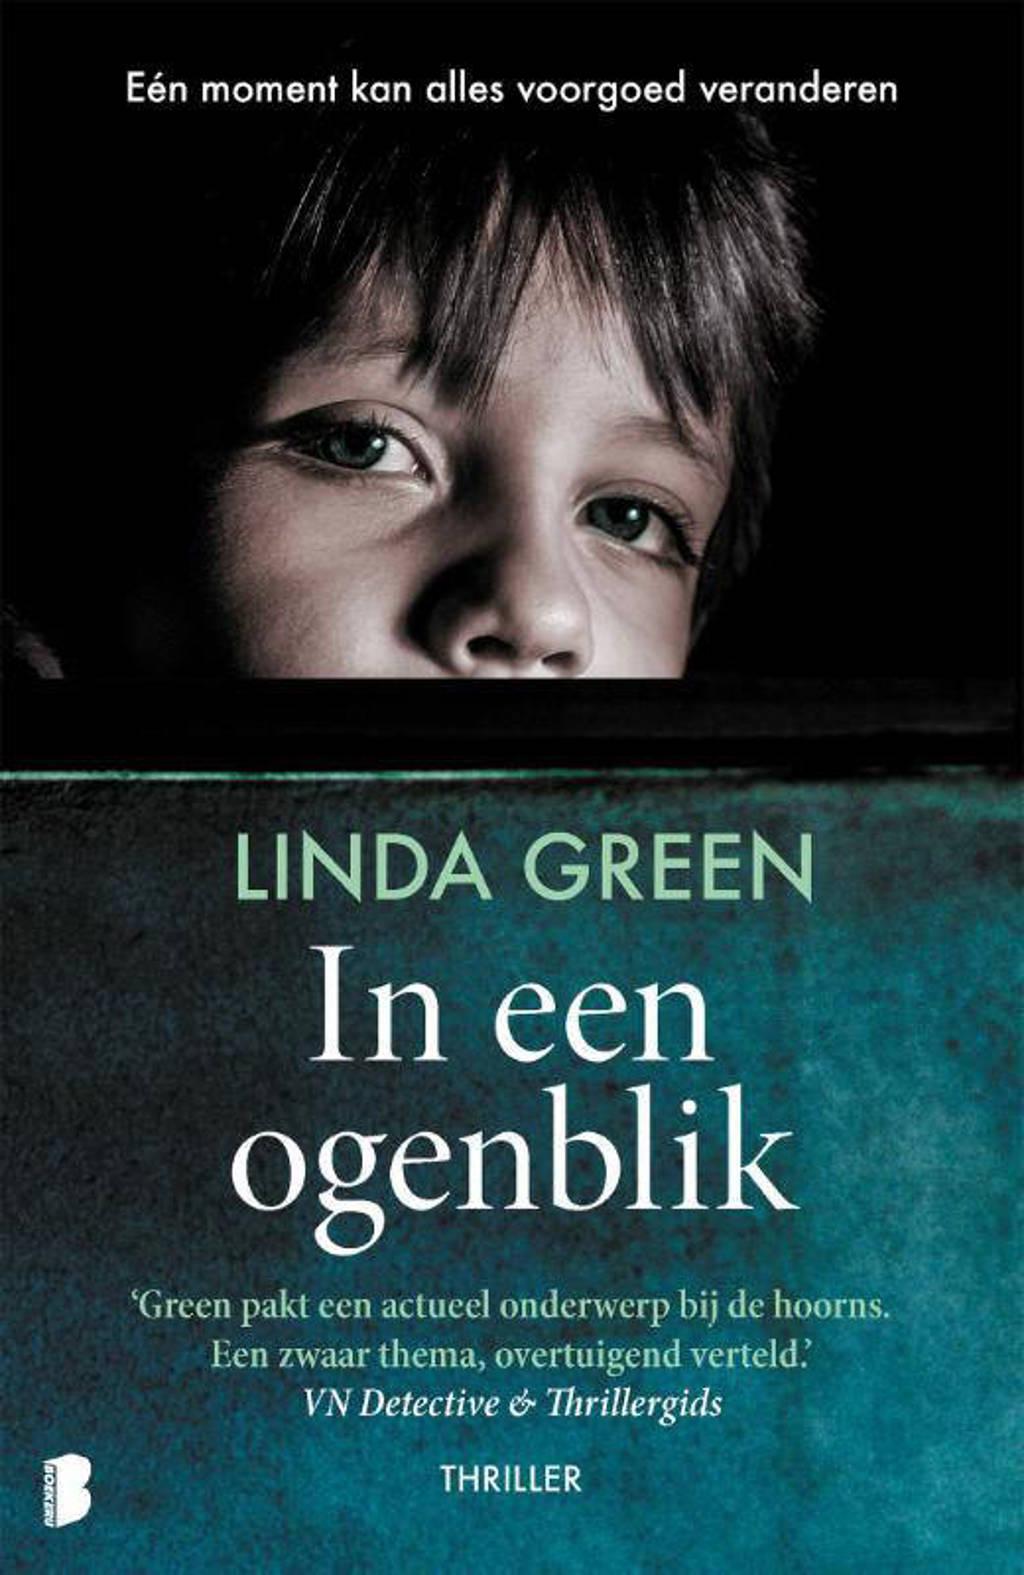 In een ogenblik - Linda Green